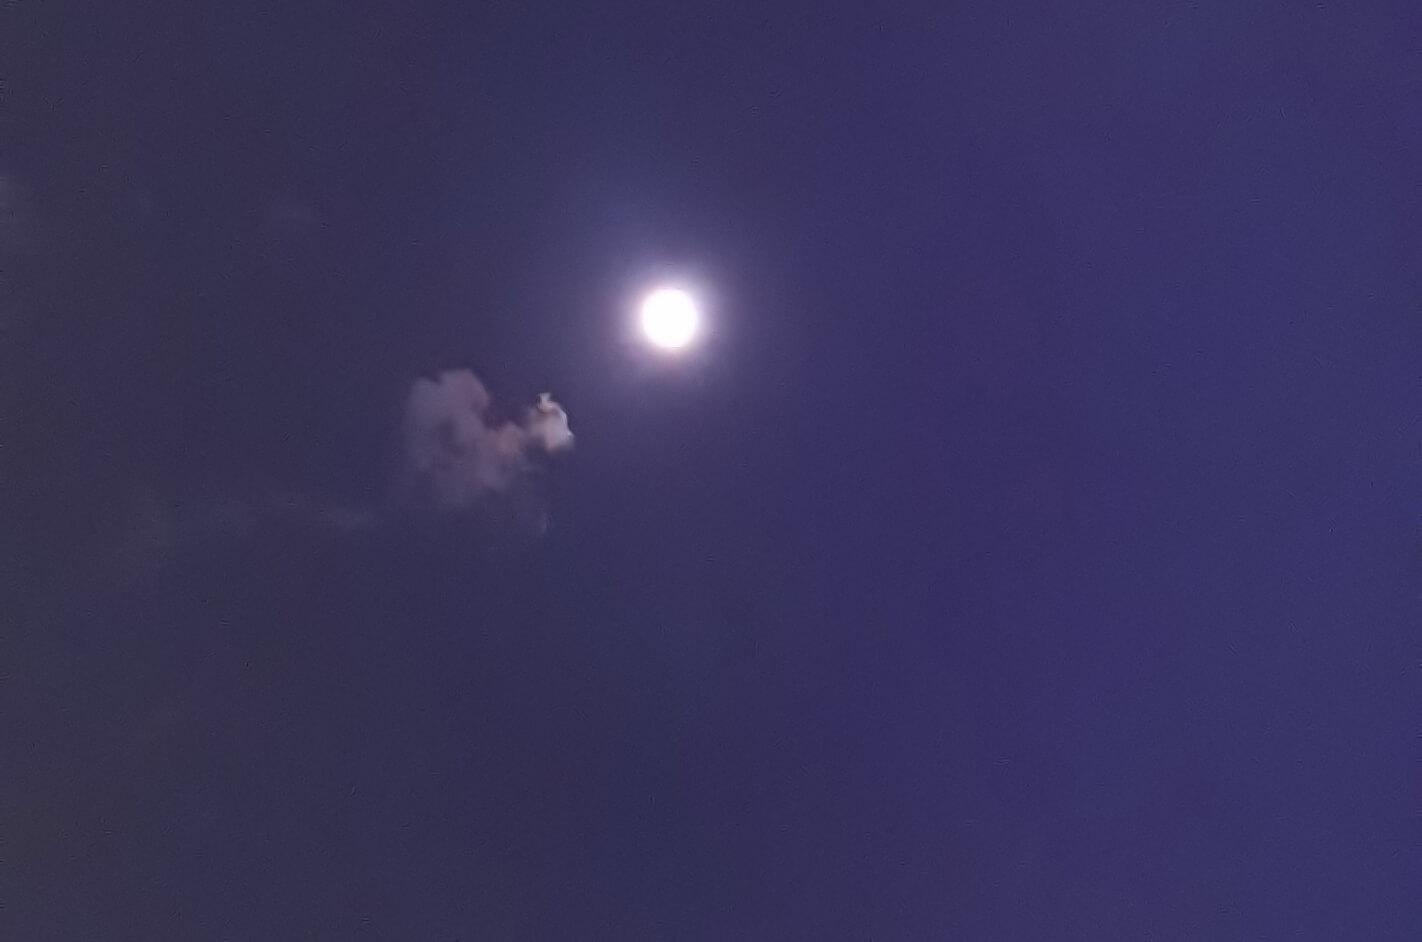 蠍座の満月(フルムーン)2020年5月7日夜